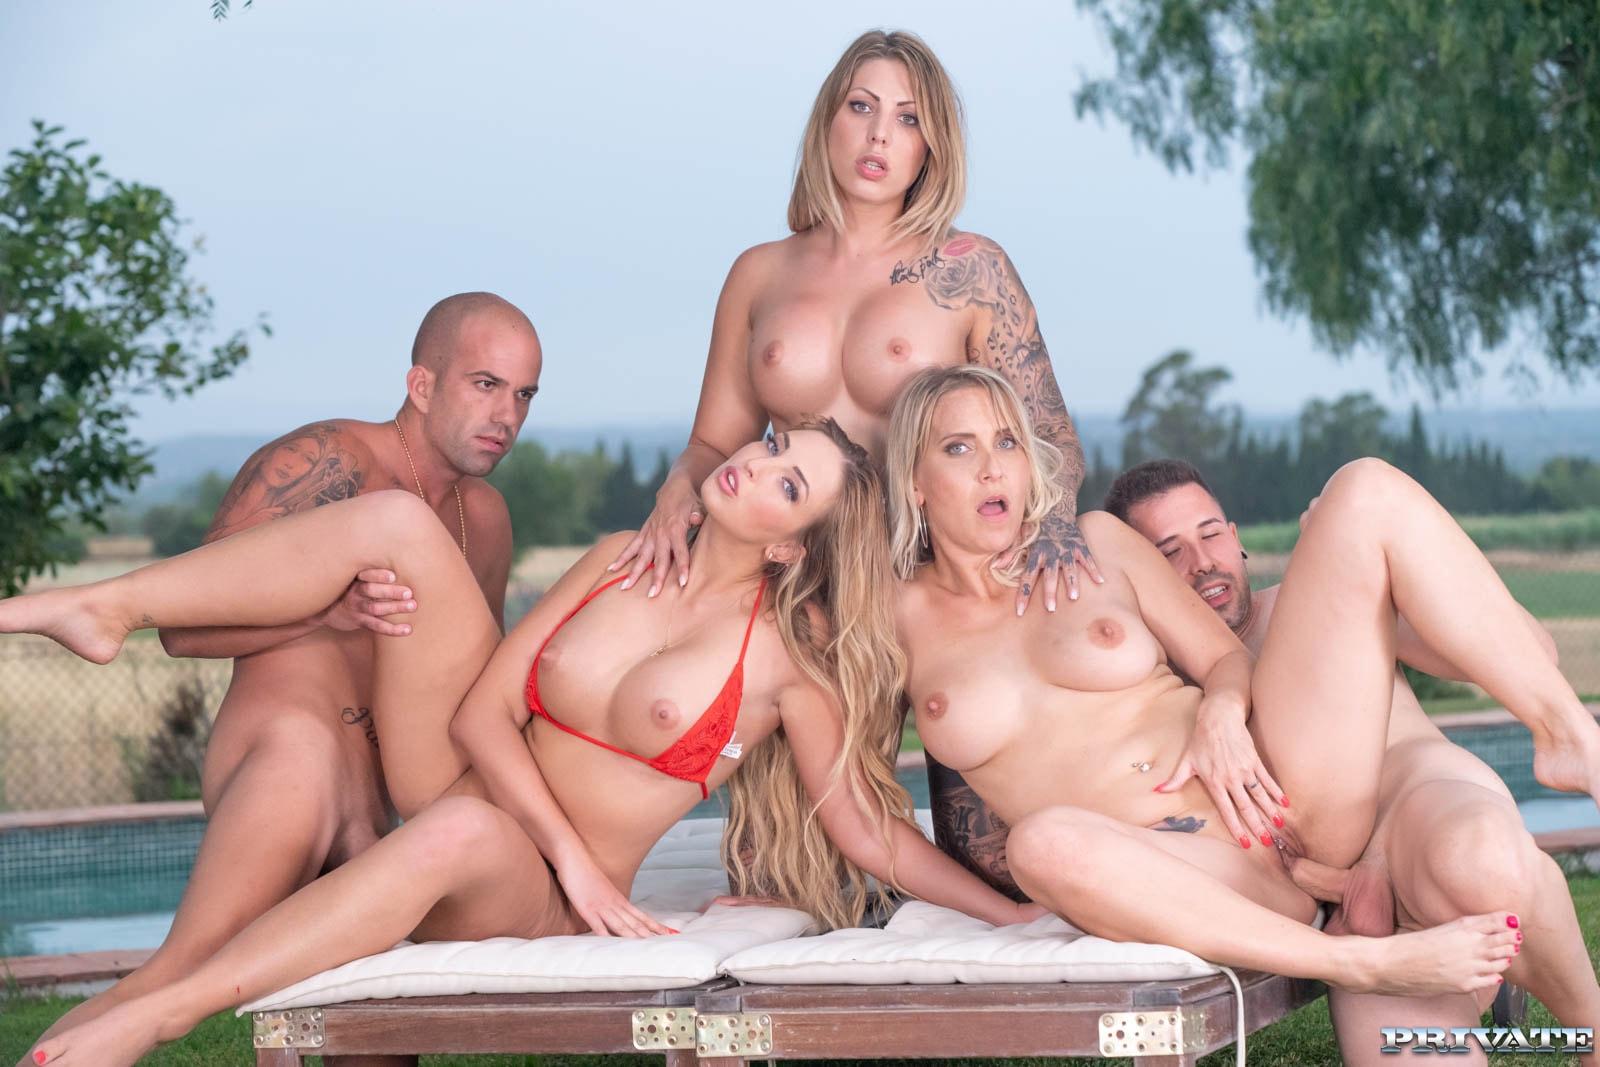 Vapaa kuuma alaston kuva